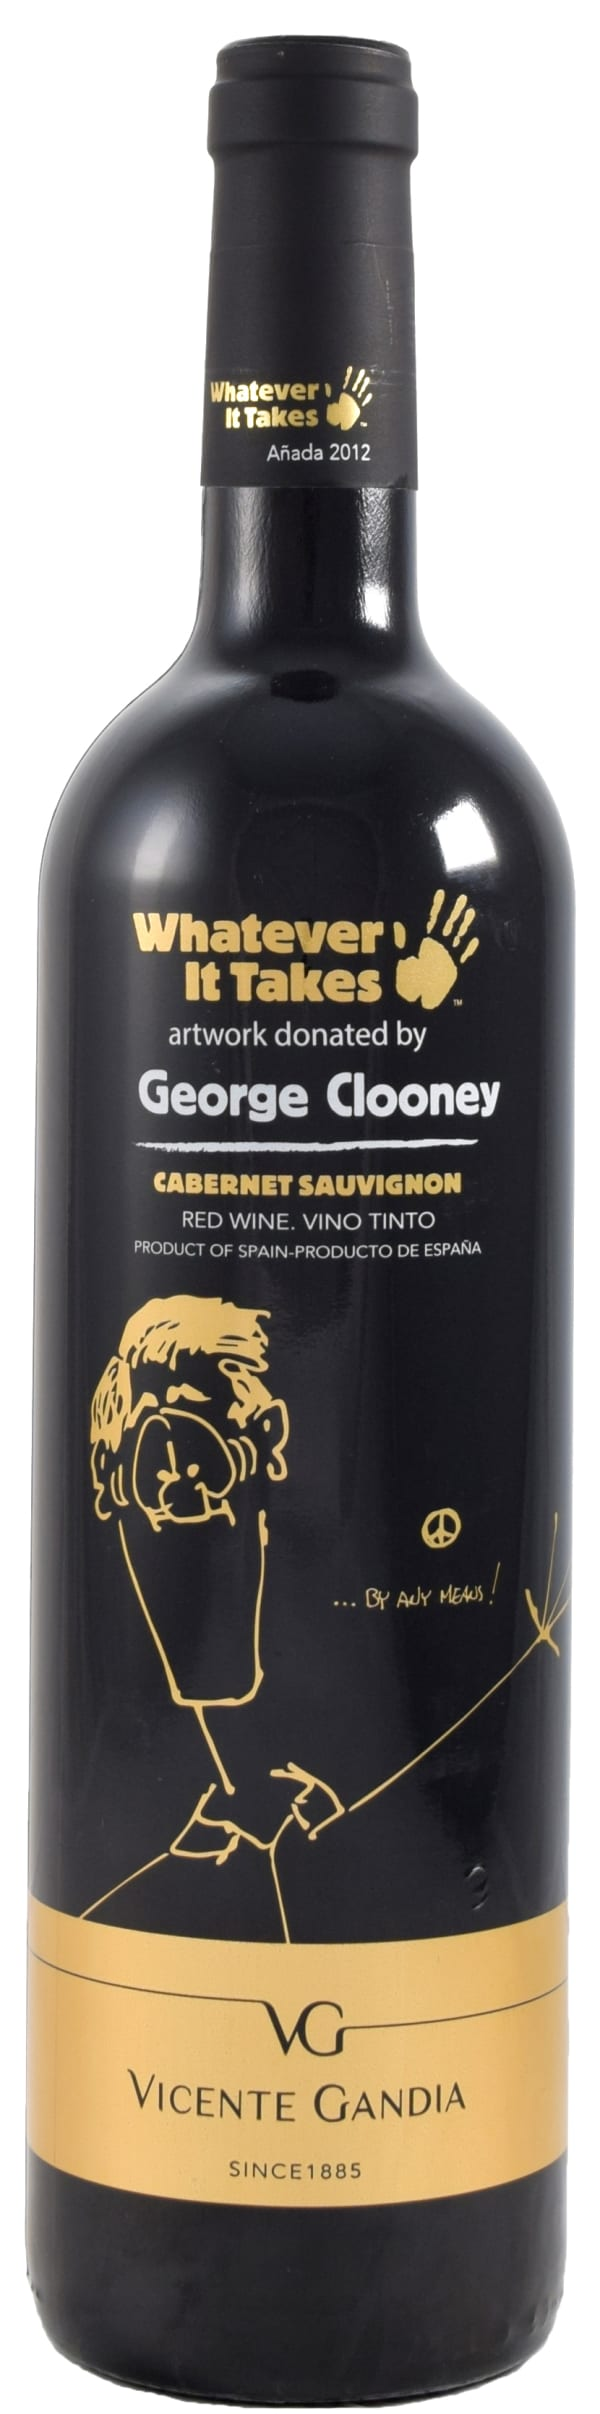 Vicente Gandia George Clooney Cabernet Sauvignon 2012